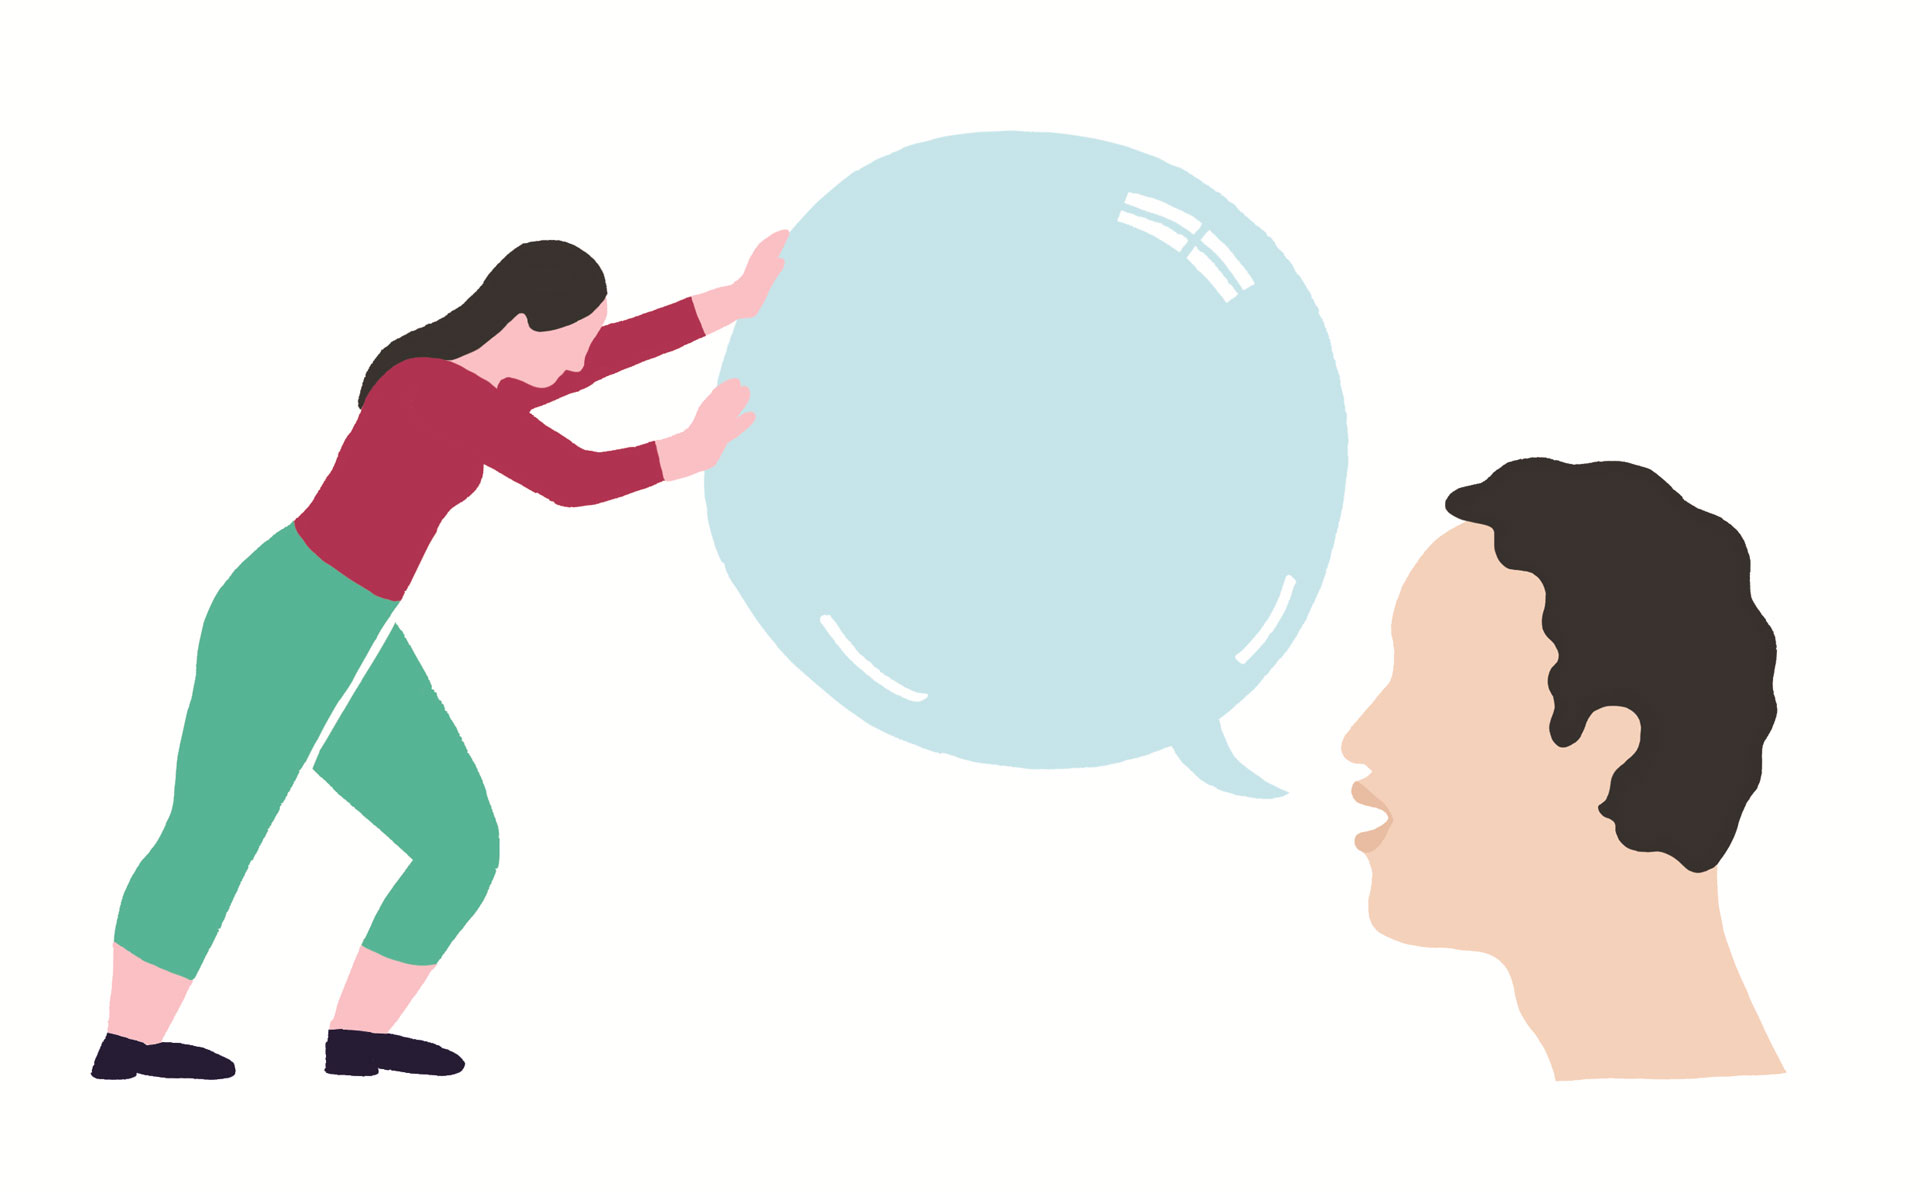 Une personne repousse une bulle de texte prononcée par quelqu'un d'autre.